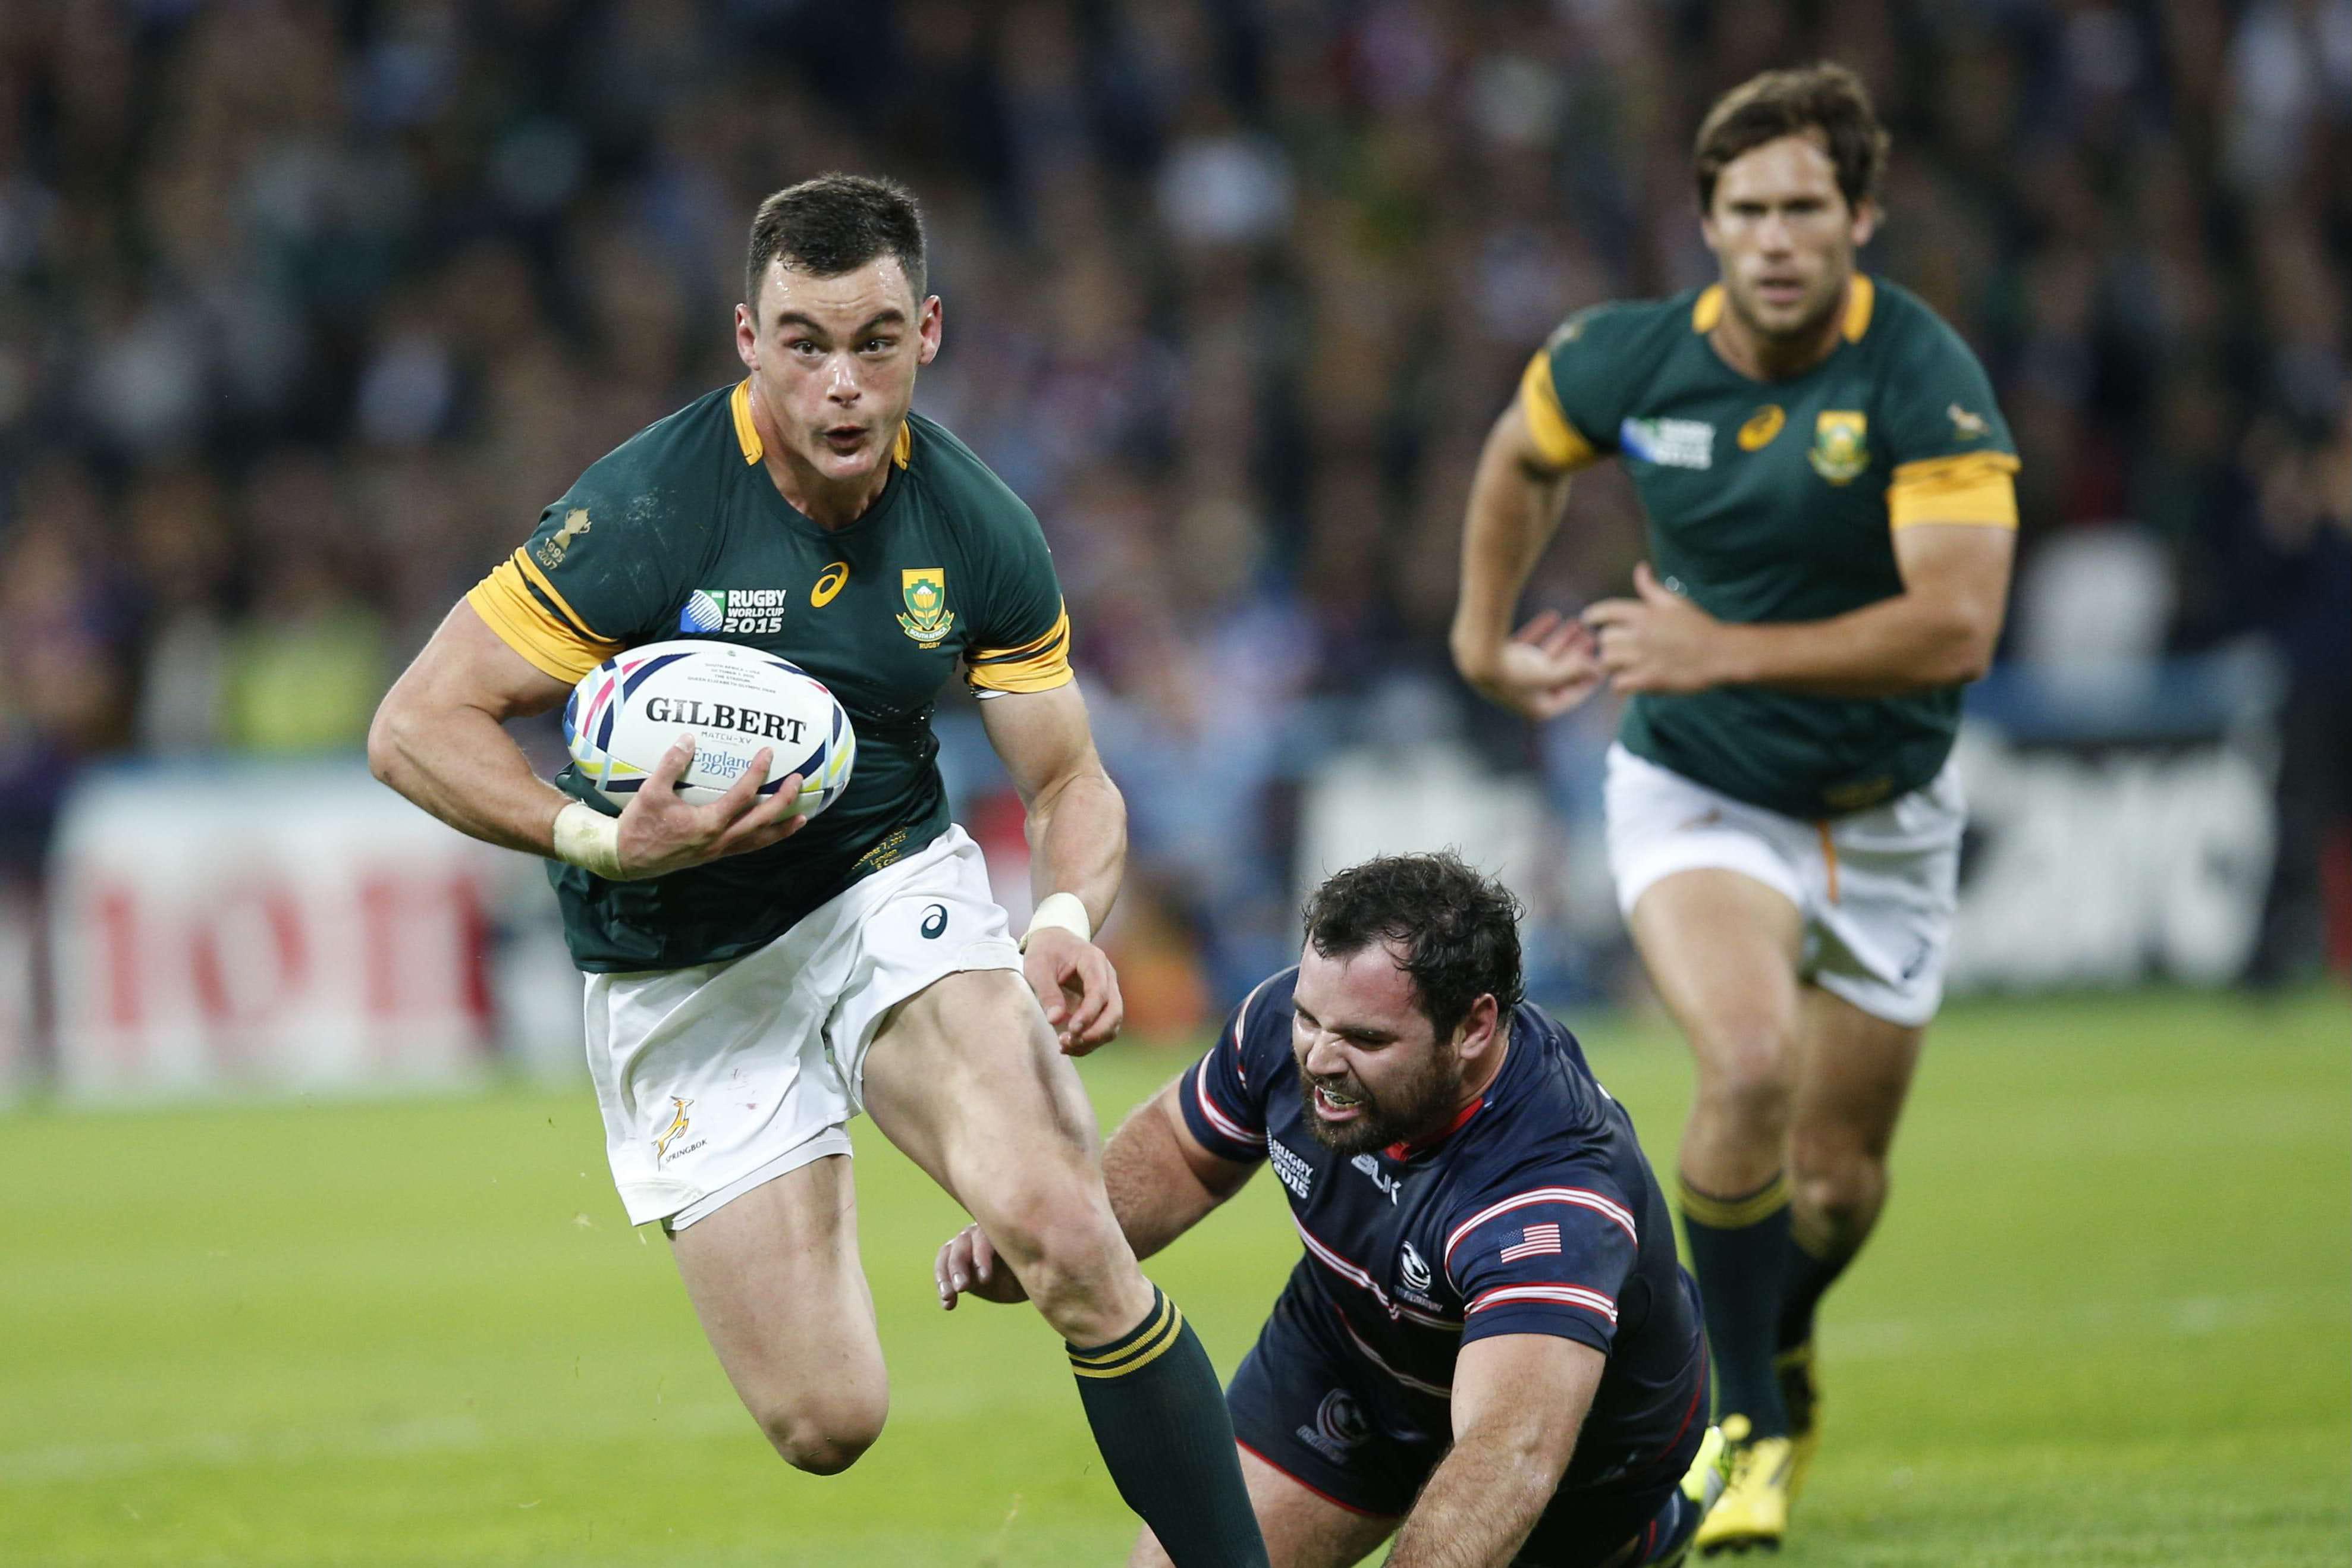 Coupe du monde de rugby 2015 classement r sultats et calendrier du mondial linternaute - Rugby programme coupe du monde ...